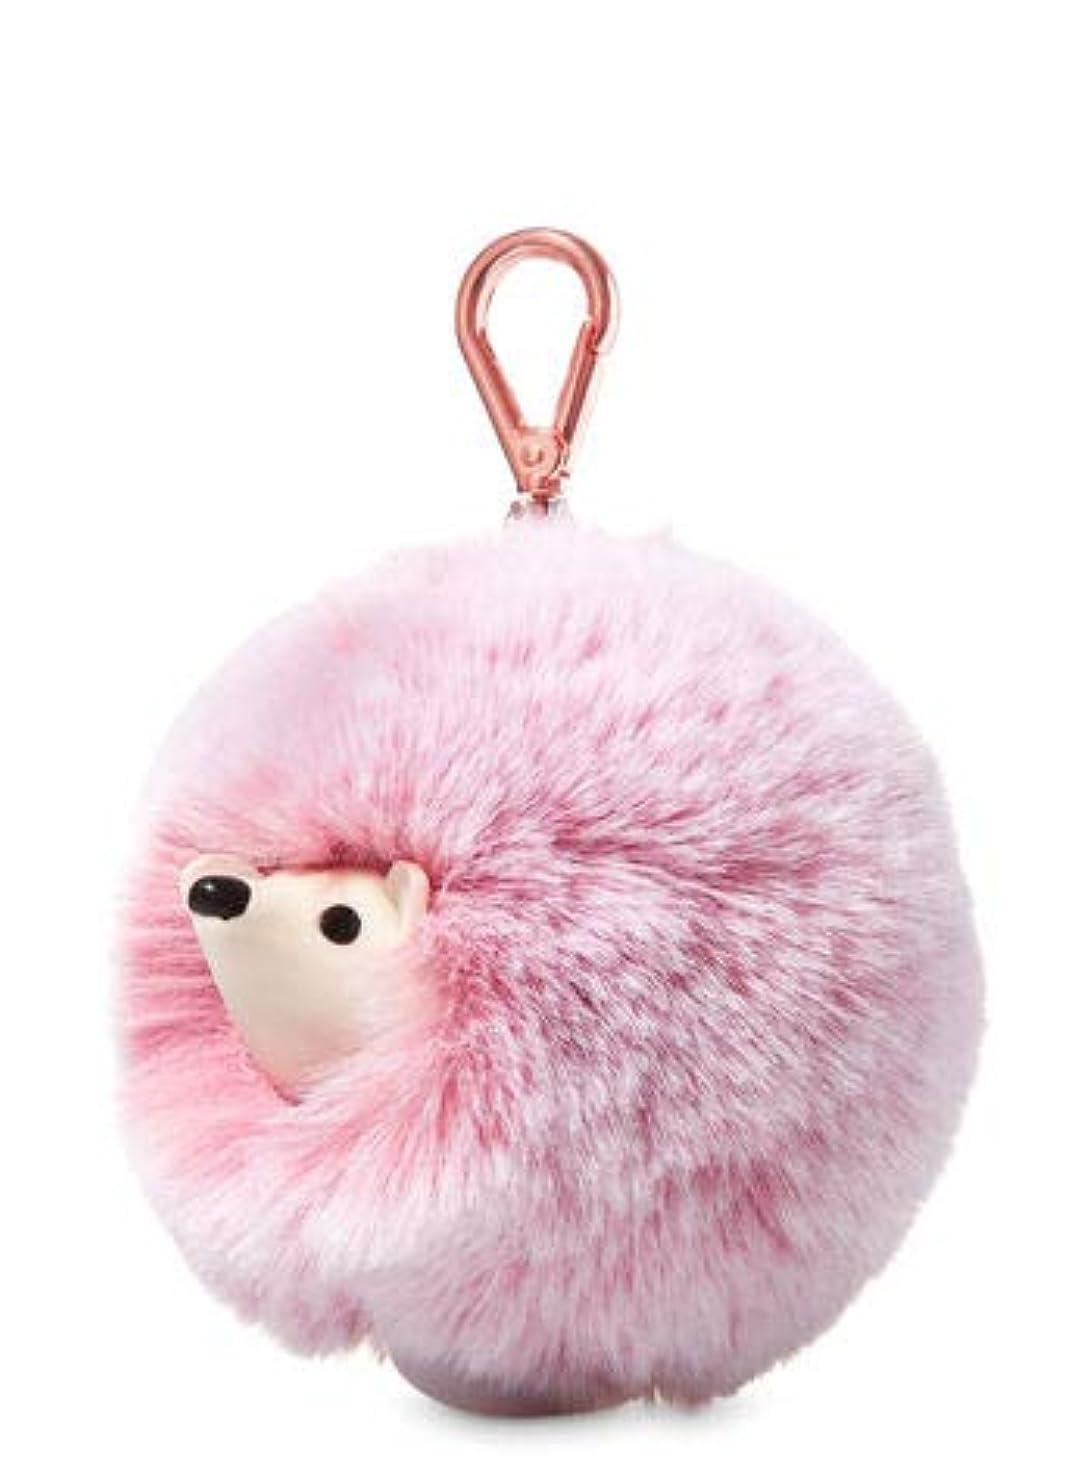 コーンウォールエスカレート巨大な【Bath&Body Works/バス&ボディワークス】 抗菌ハンドジェルホルダー ピンクヘッジホッグポンポン Pocketbac Holder Pink Hedgehog Pom-Pom [並行輸入品]